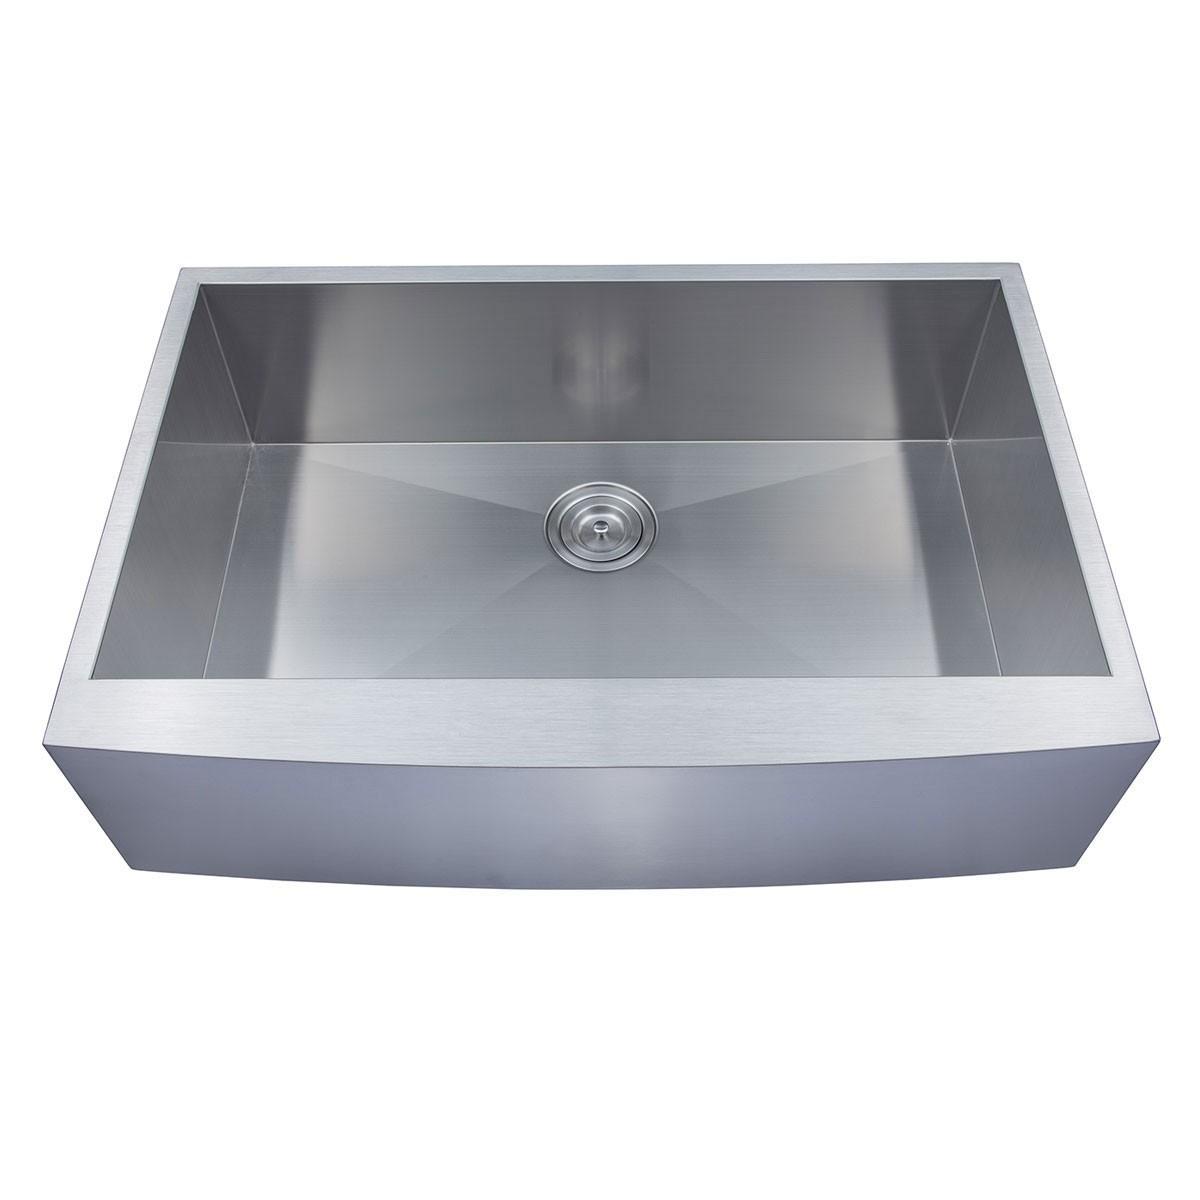 33 x 22 In. Stainless Steel Handmade Kitchen Sink (AF3322-R0)